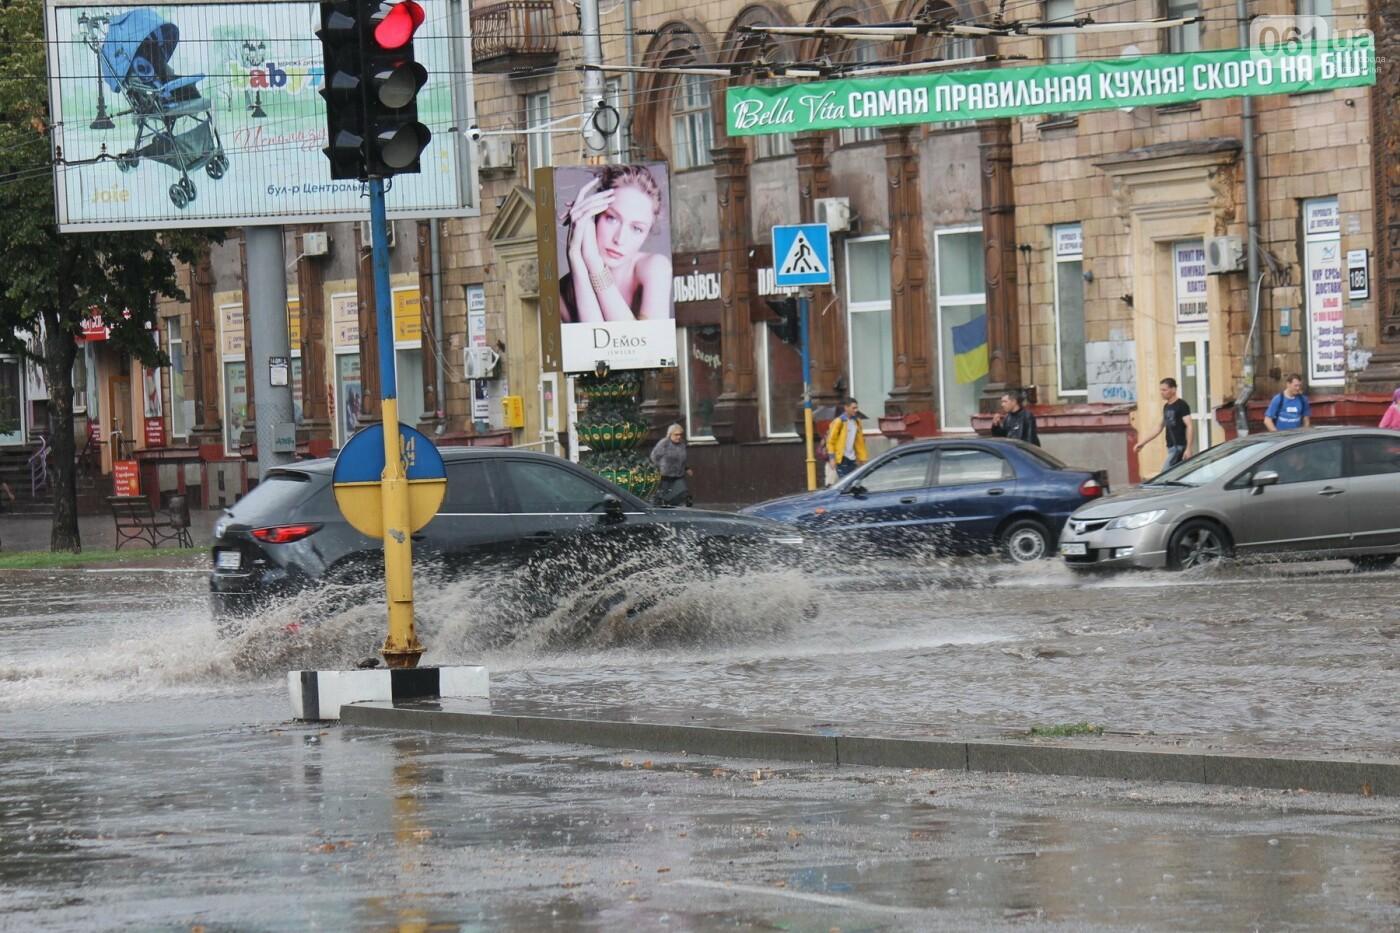 Запорожье накрыл мощный ливень: улицы затопило, люди насквозь промокли, – ФОТОРЕПОРТАЖ, фото-14